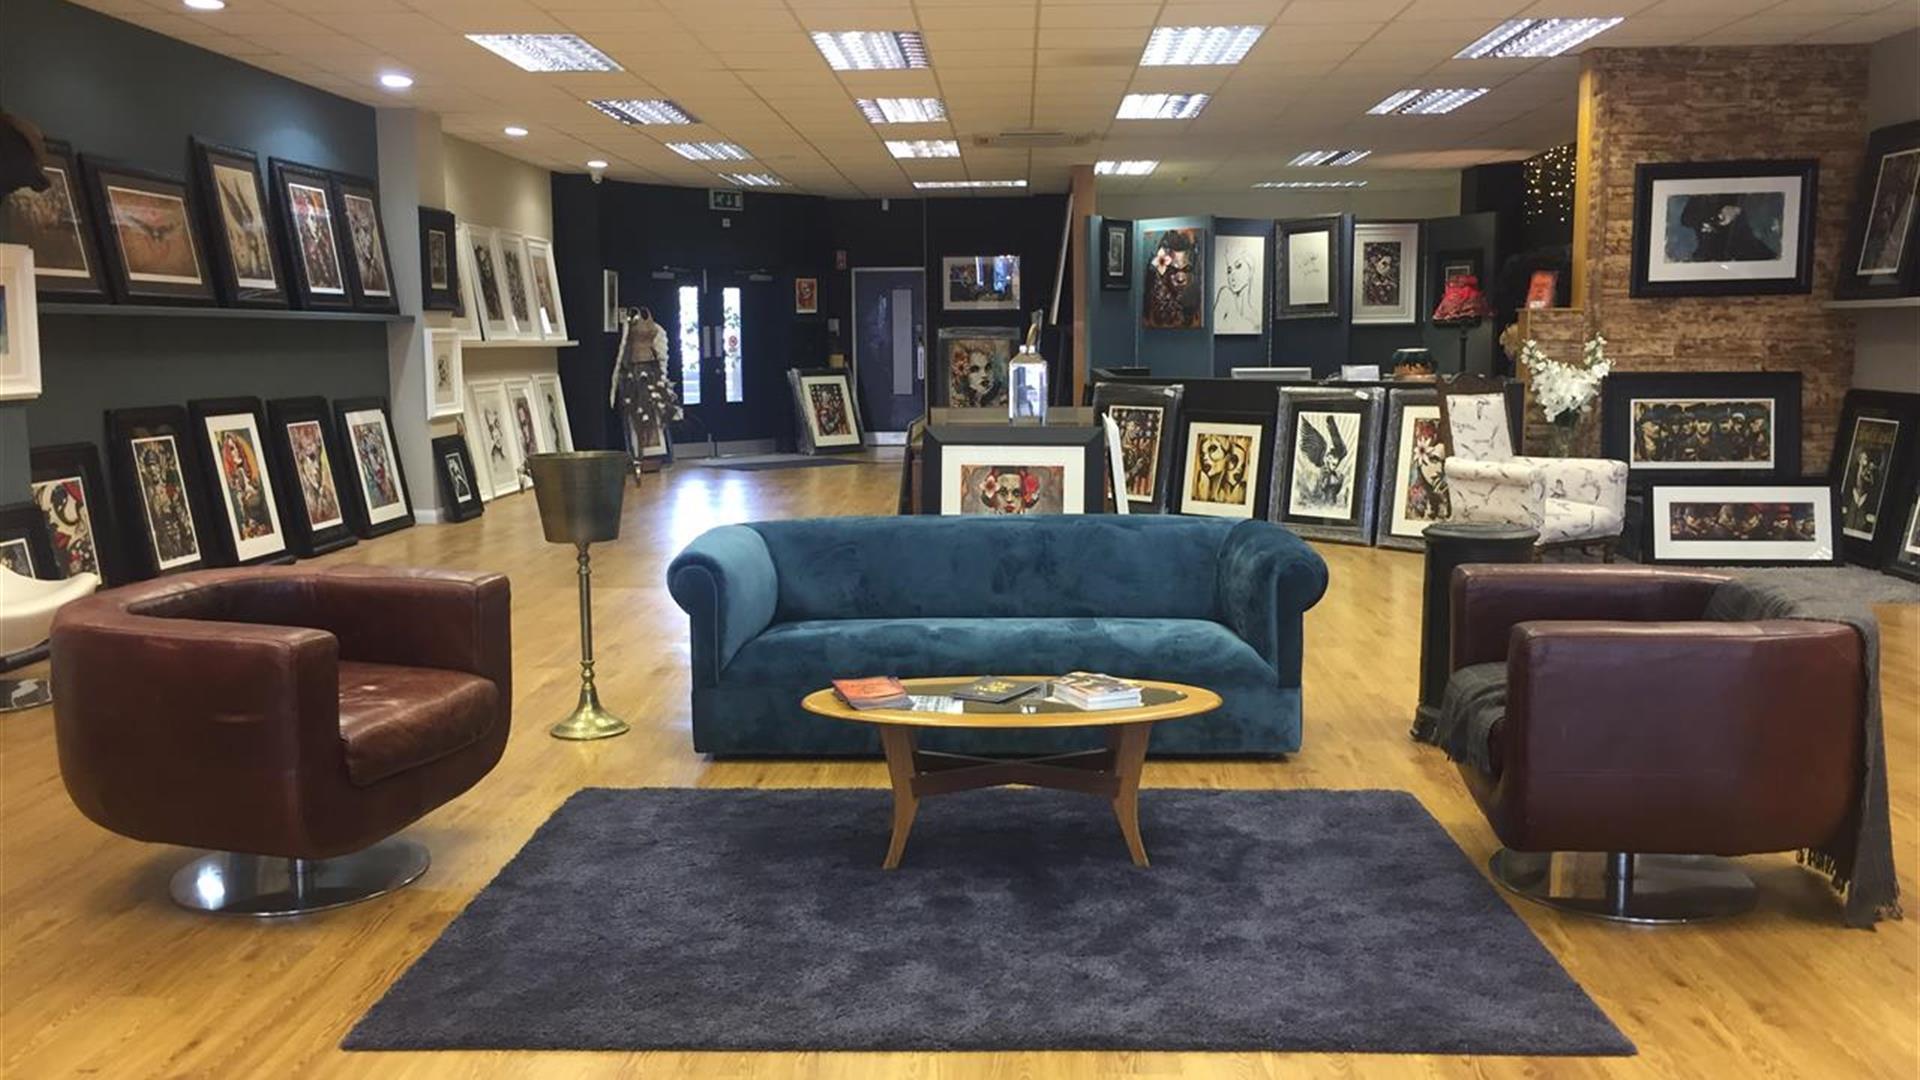 The Bradley Gallery